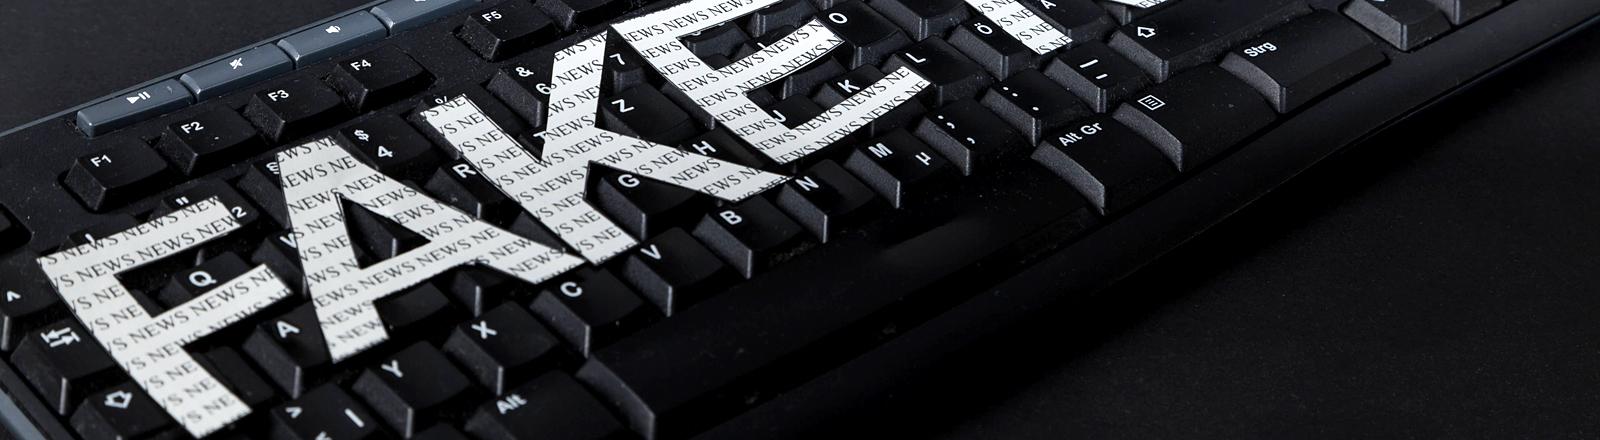 """Auf einer Tastatur steht """"Fake News"""""""